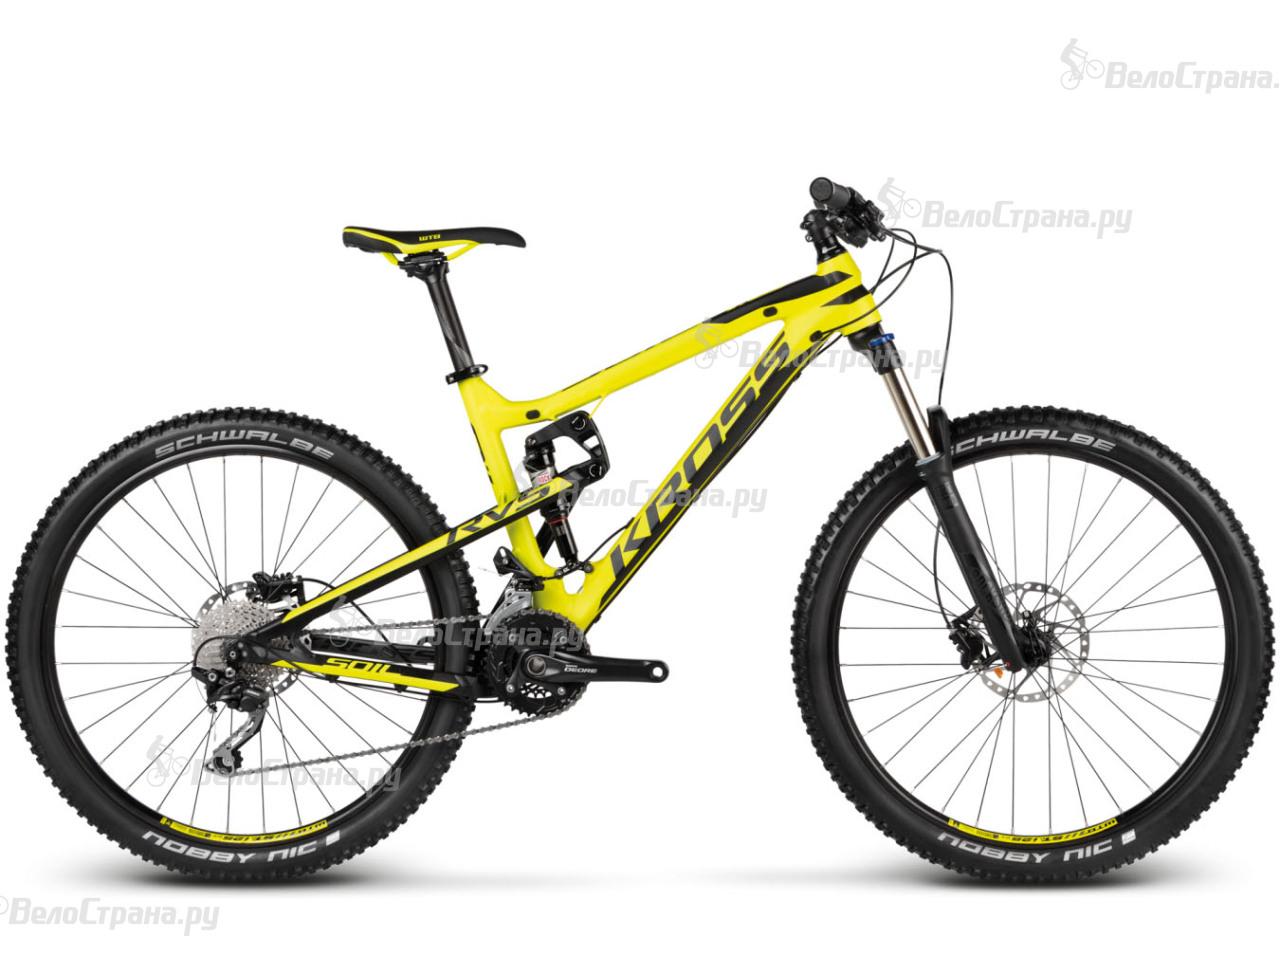 Велосипед Kross Soil 1.0 (2017) soil ph